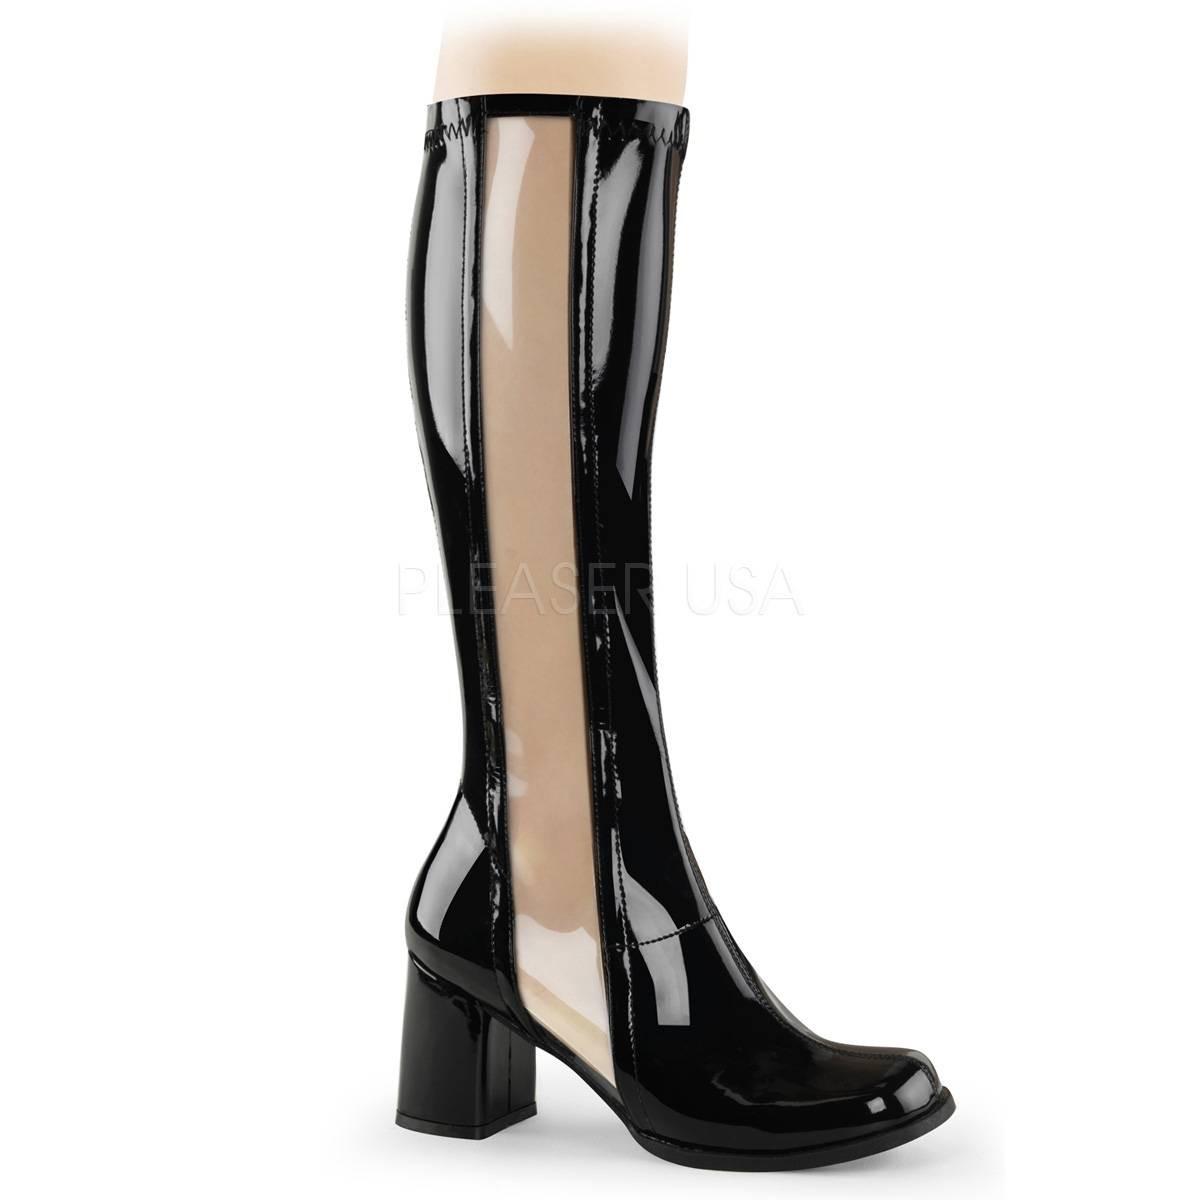 Stiefel - GOGO 303 ° Damen Stiefel ° Schwarz Transparent Glänzend ° Funtasma  - Onlineshop RedSixty